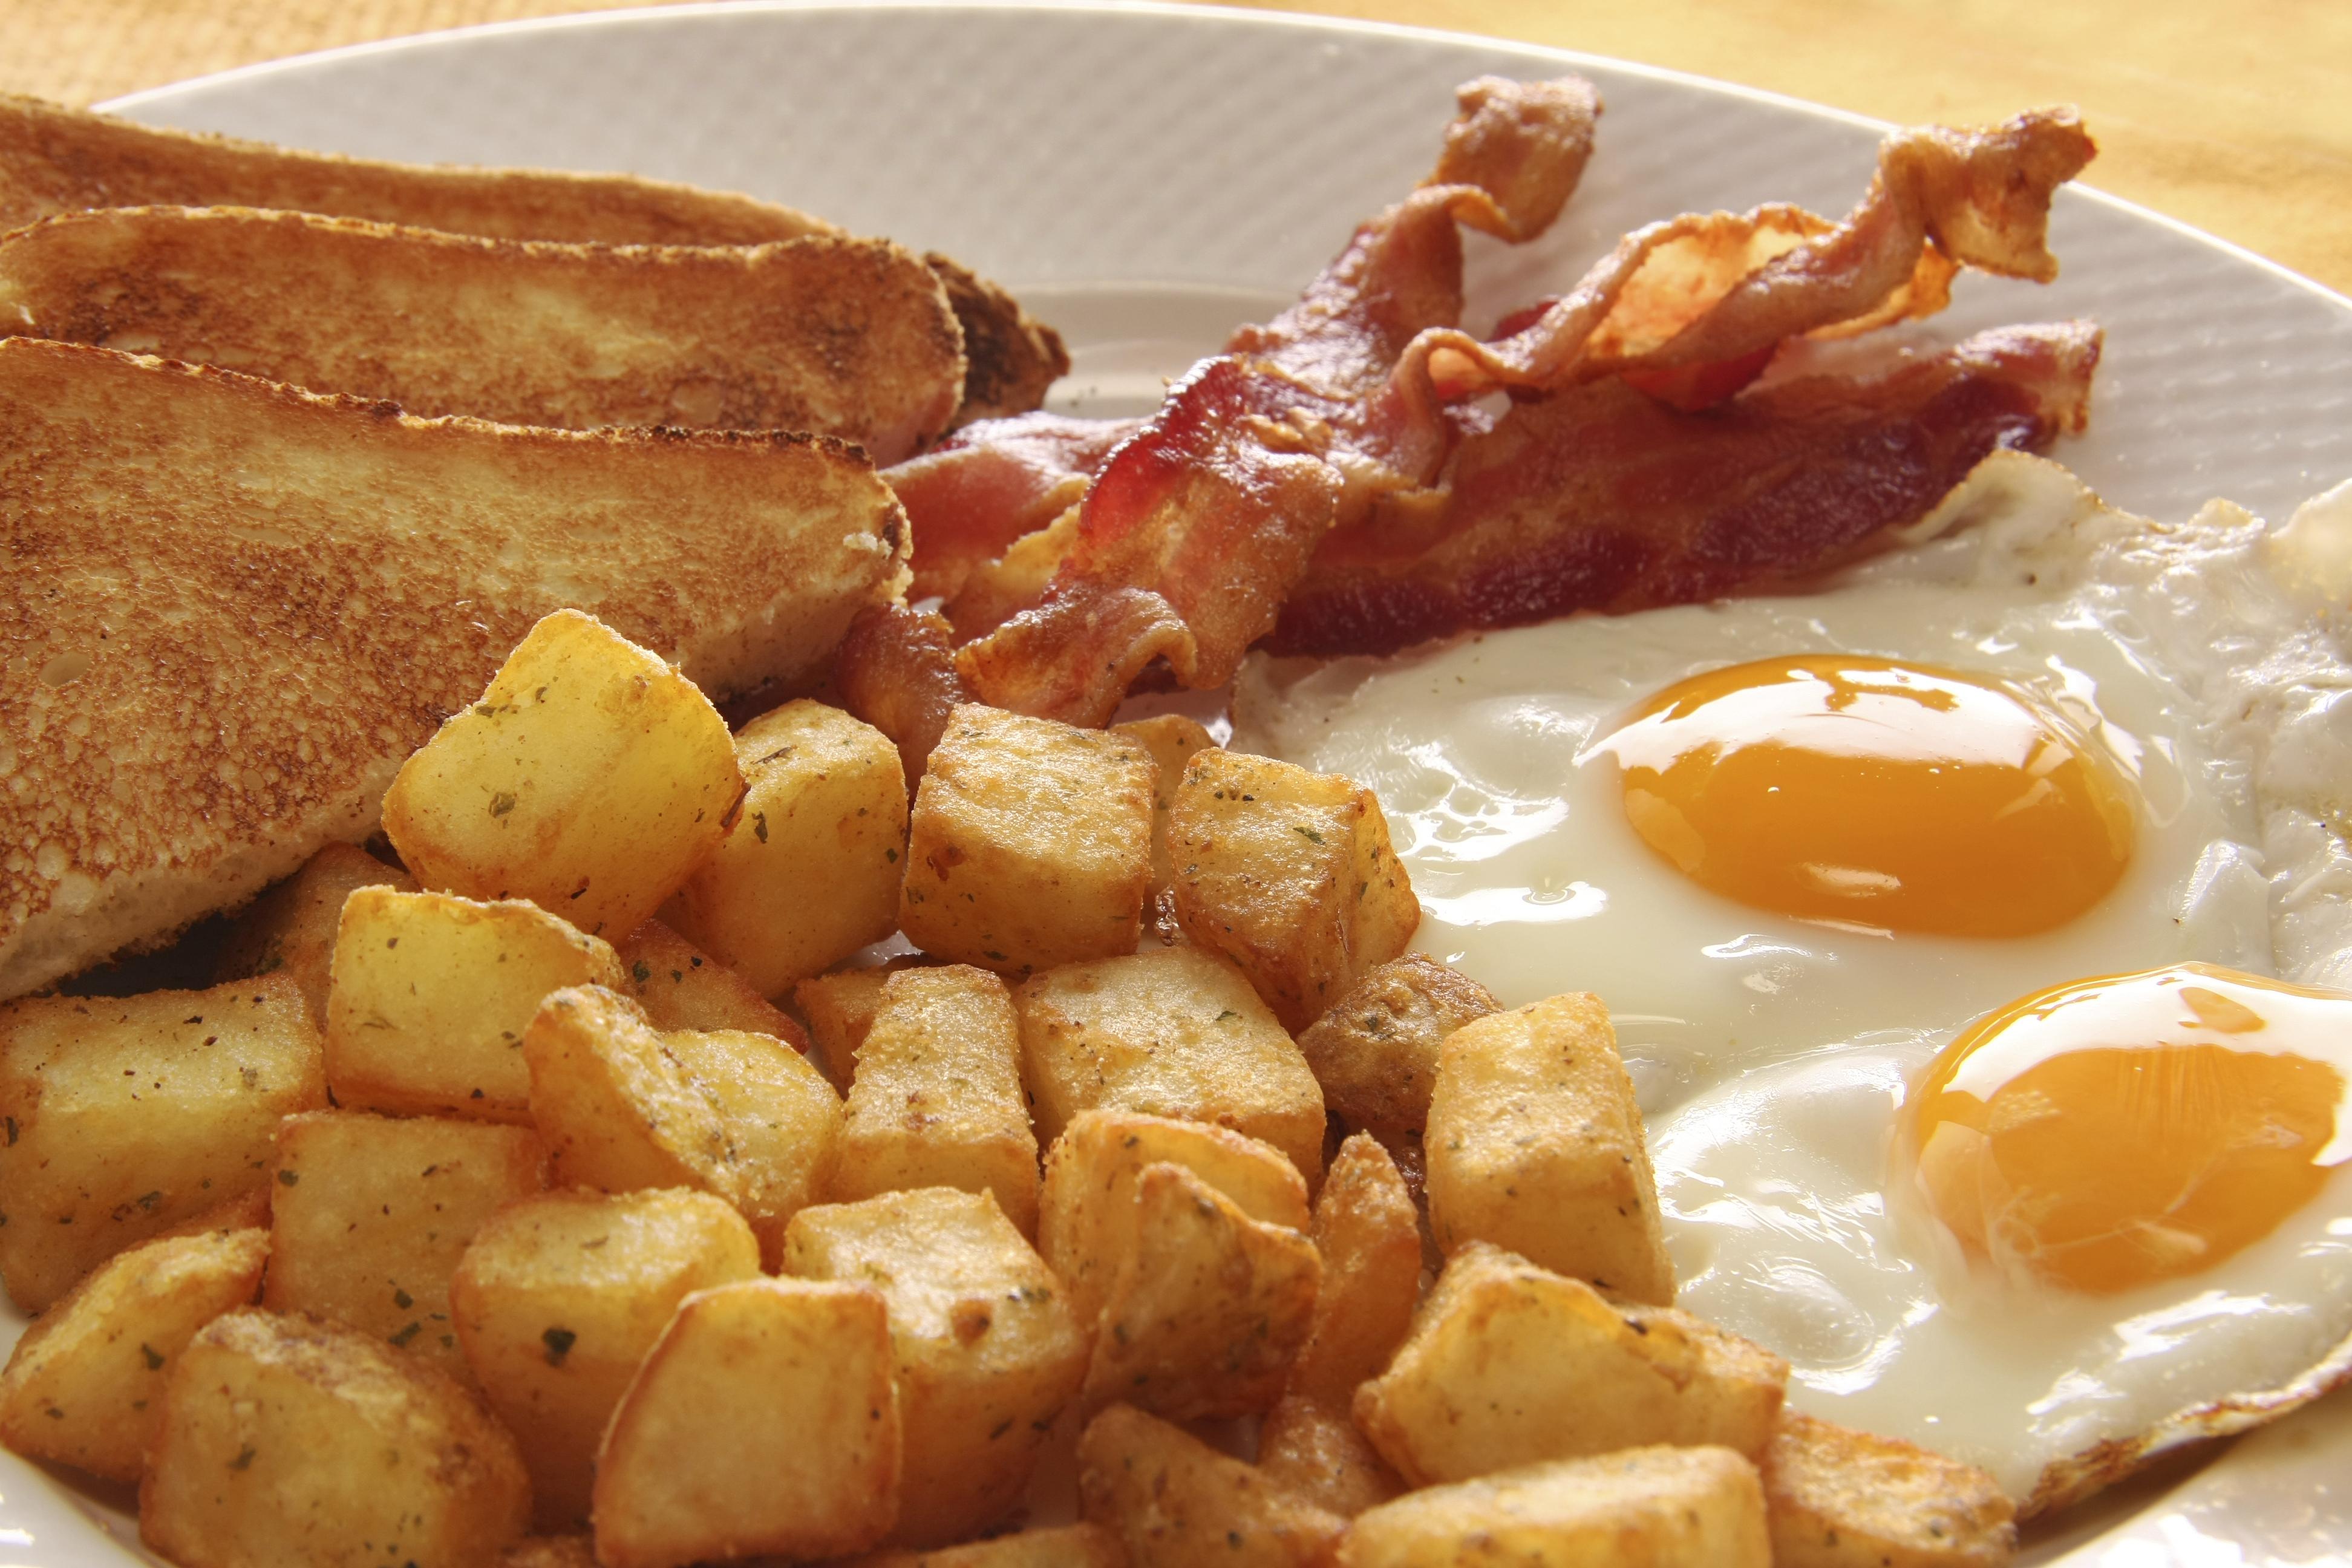 Eggs, Potatoes, BACON & Bread Platter Image